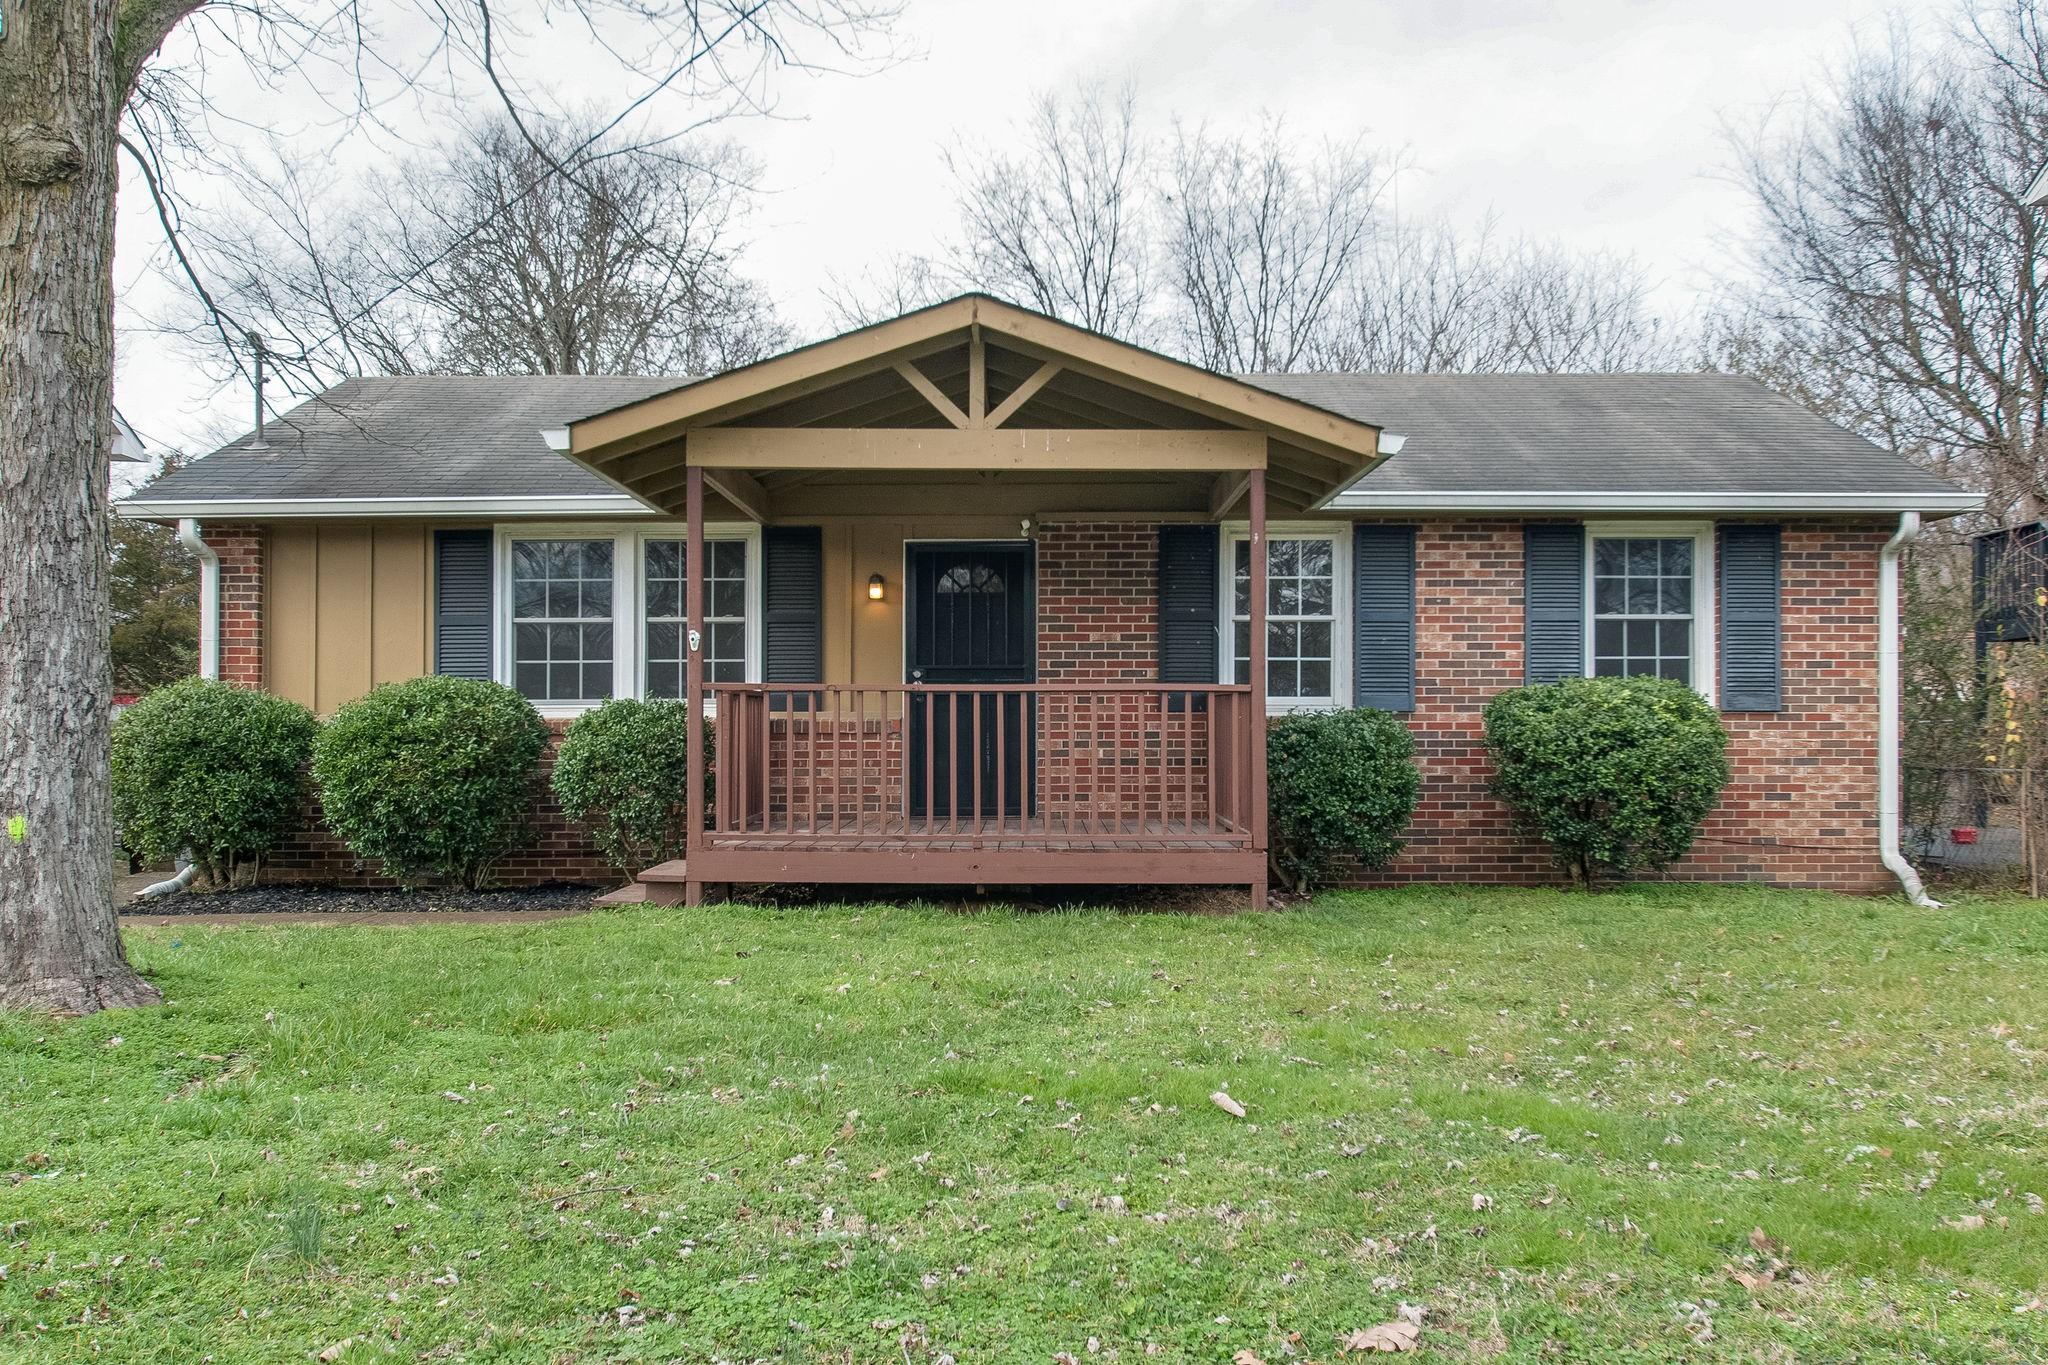 3128 Ewingdale Dr, Nashville, TN 37207 - Nashville, TN real estate listing